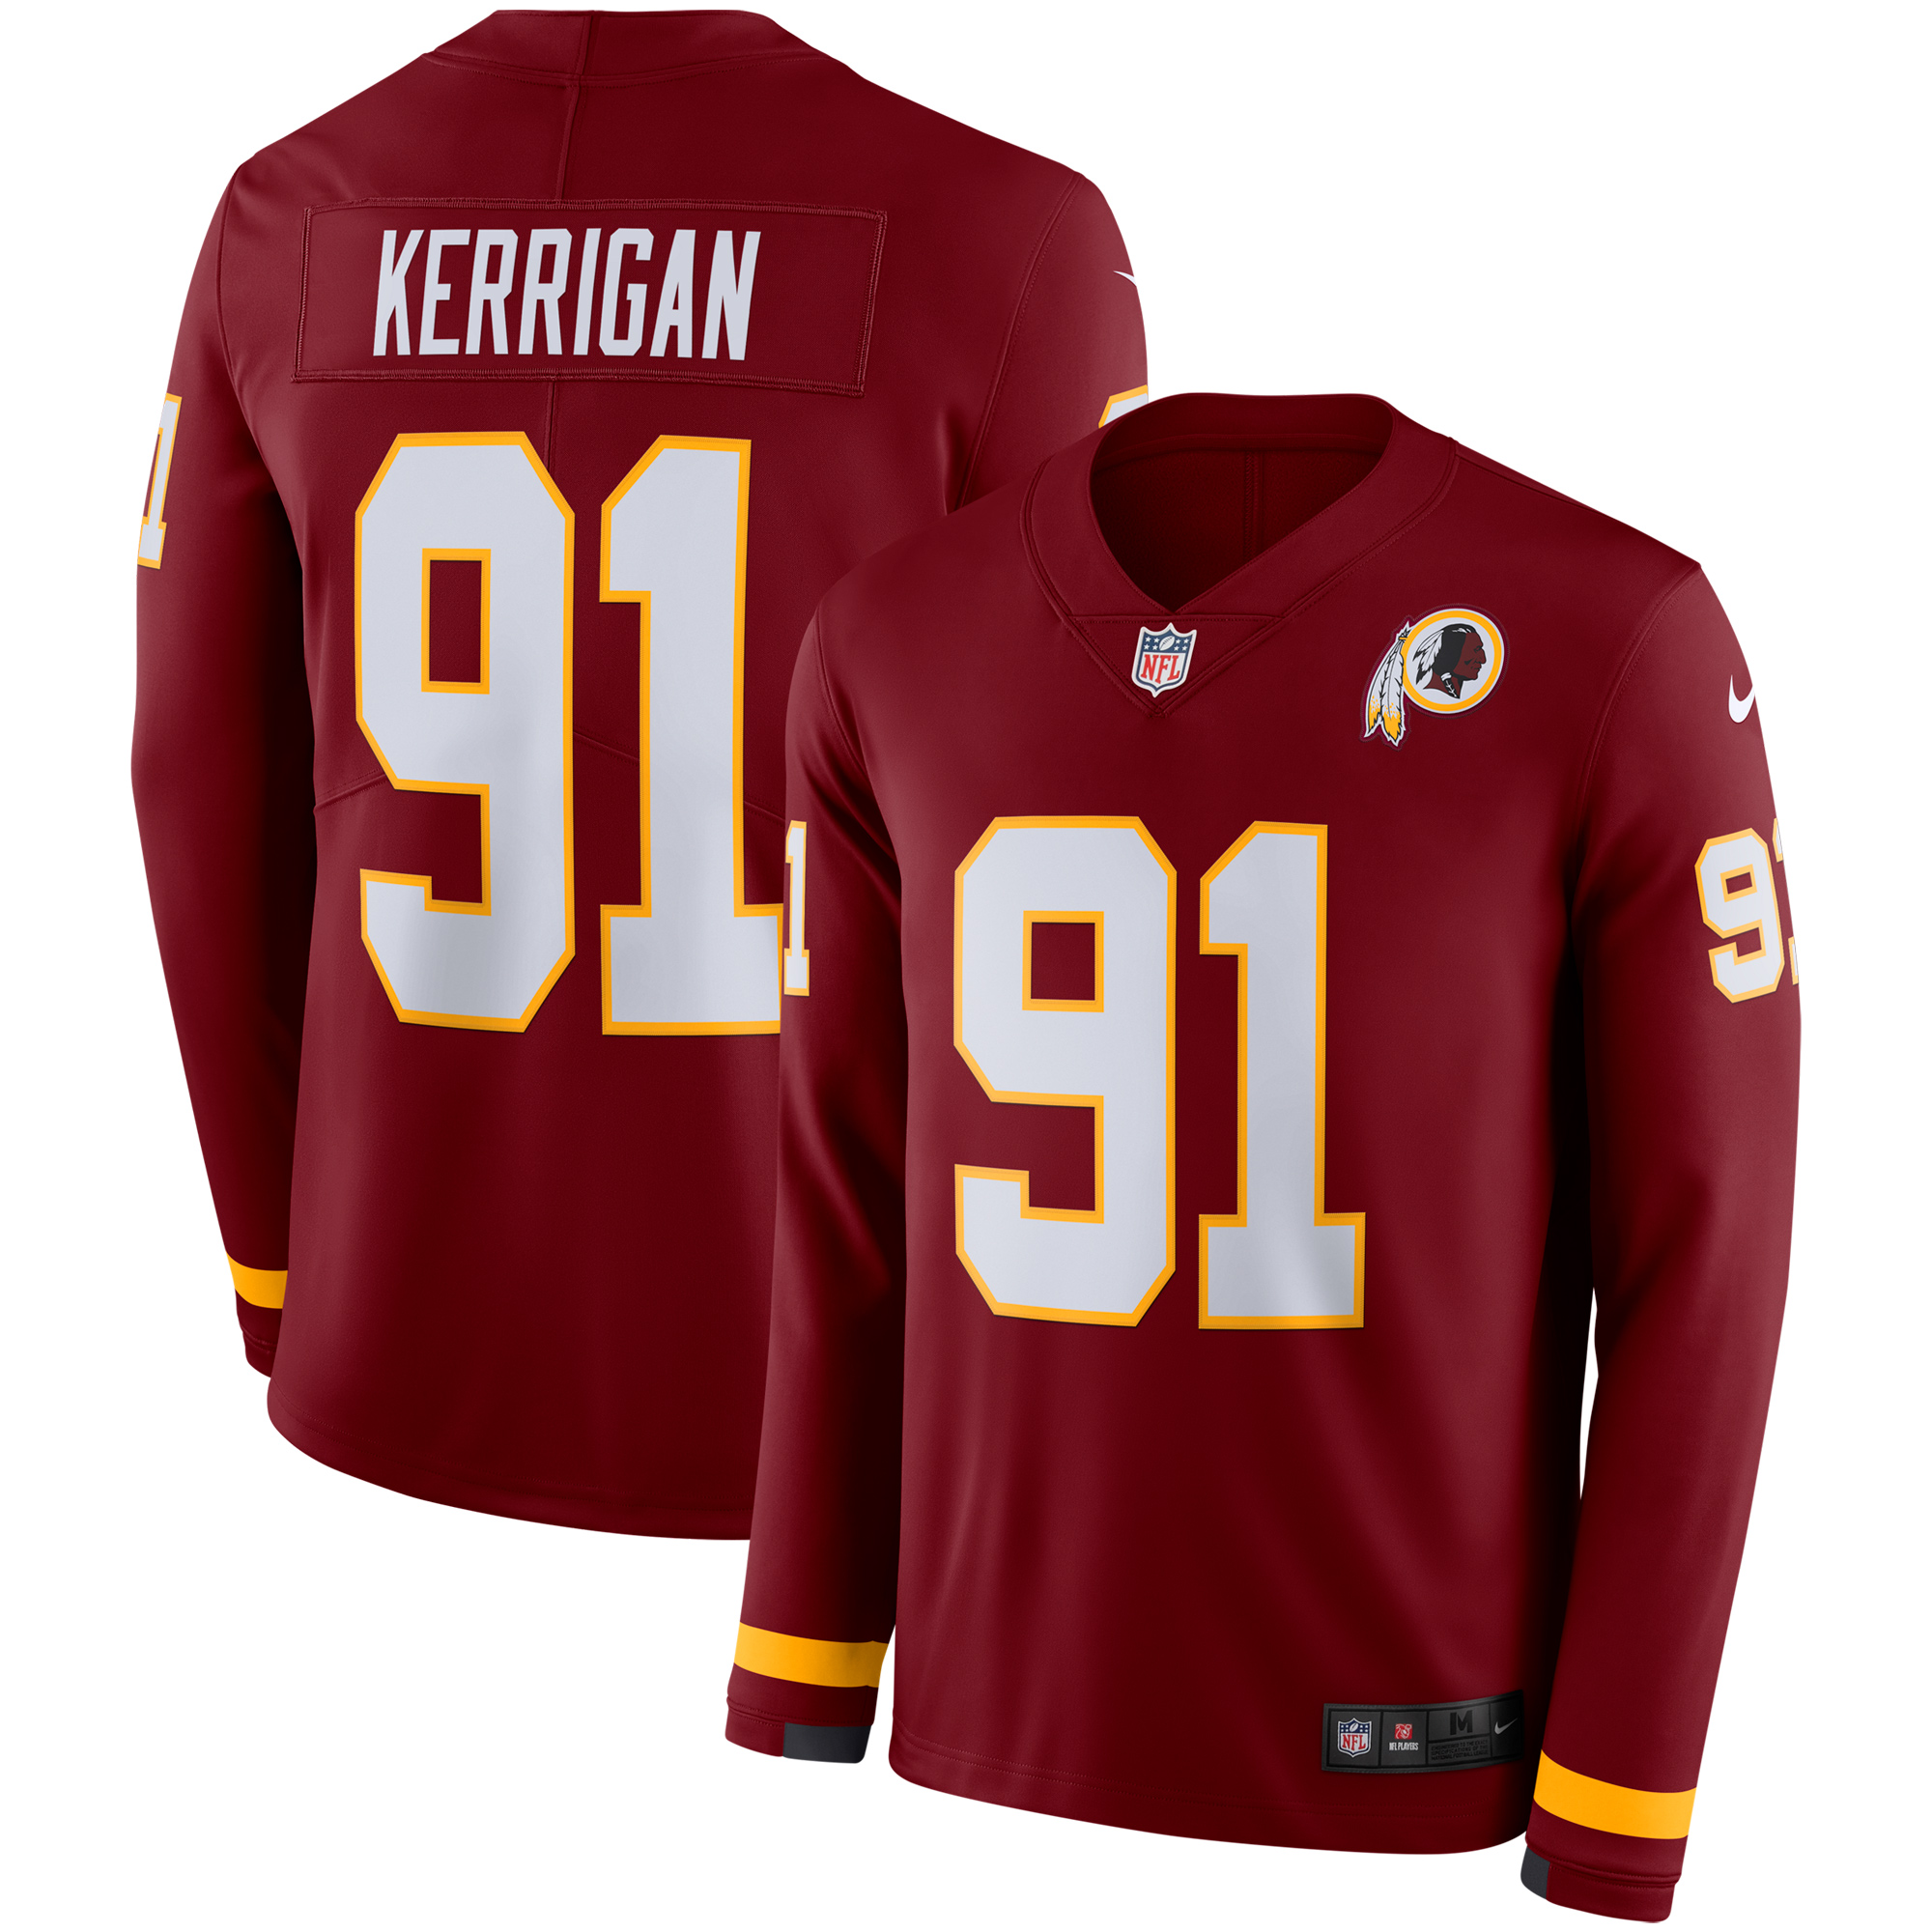 washington redskins kerrigan jersey